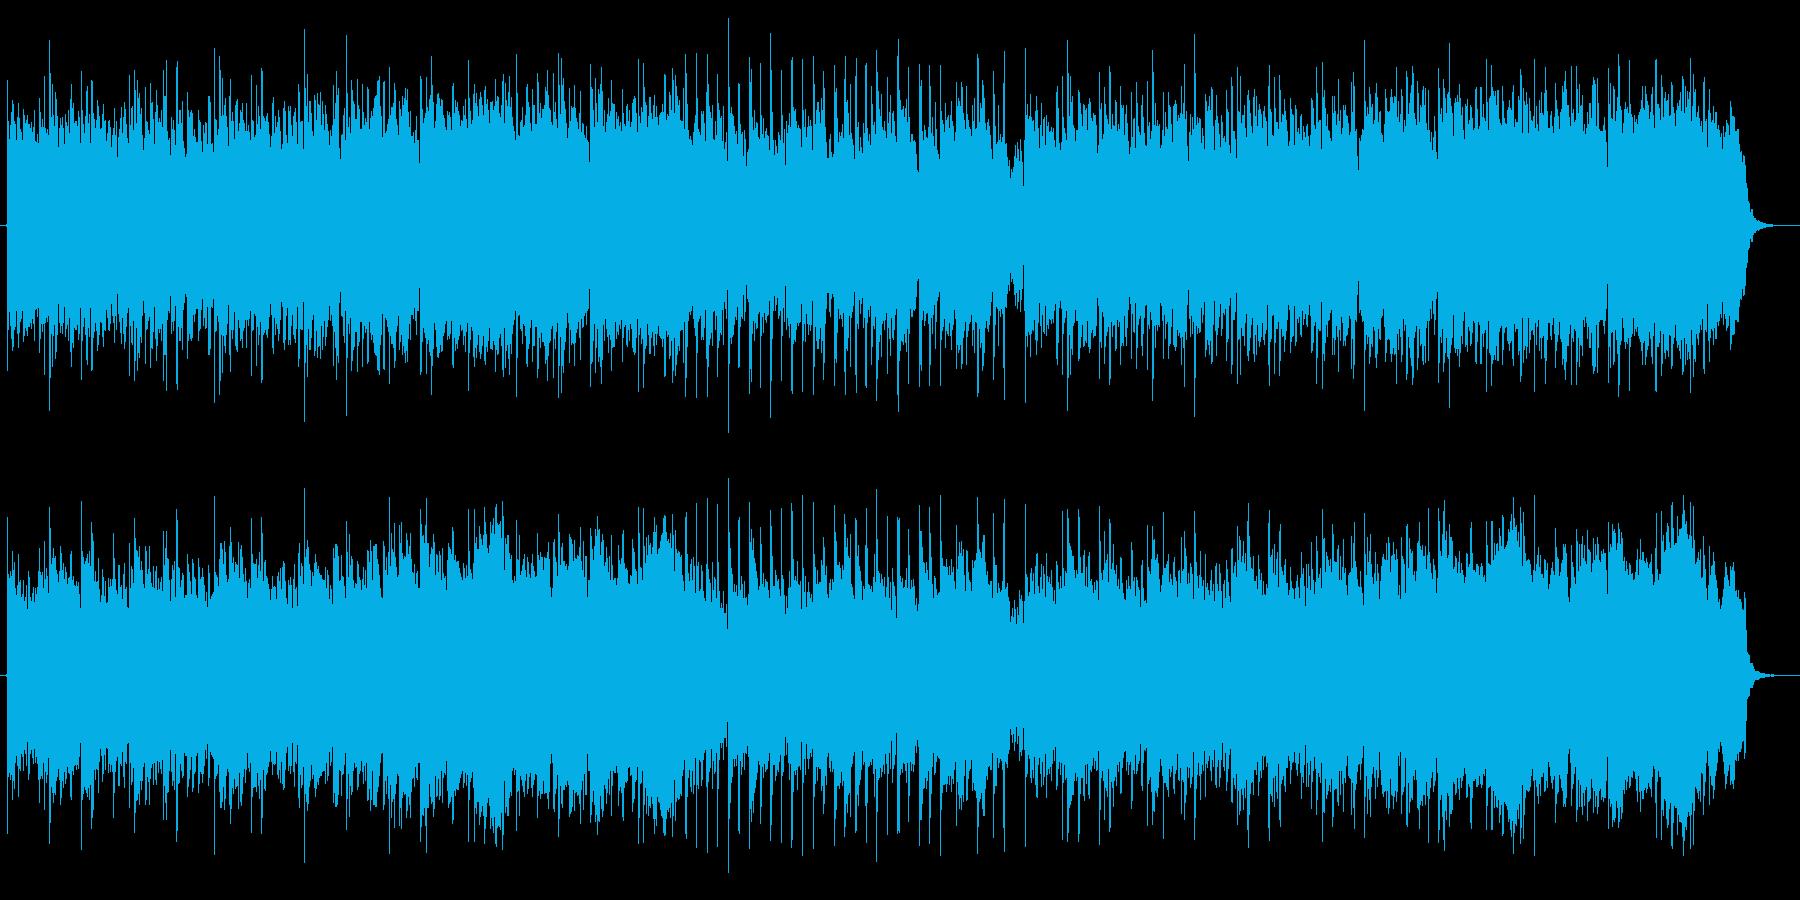 雄大で重みがあるミュージックの再生済みの波形